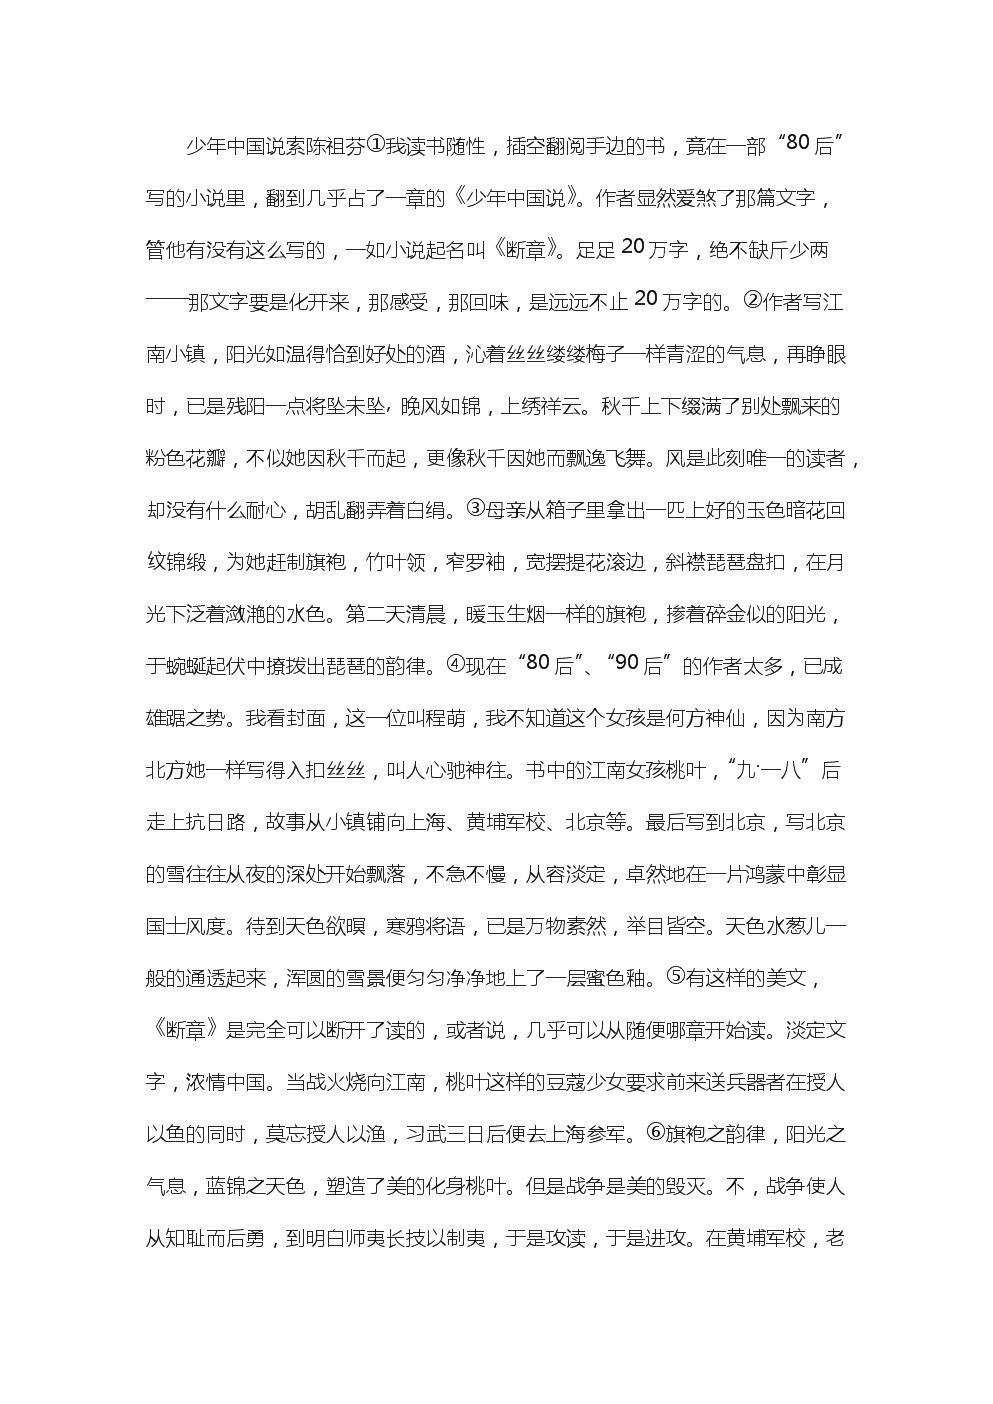 少年中国说索陈祖芬阅读答案 少年中国说的阅读及答案.doc